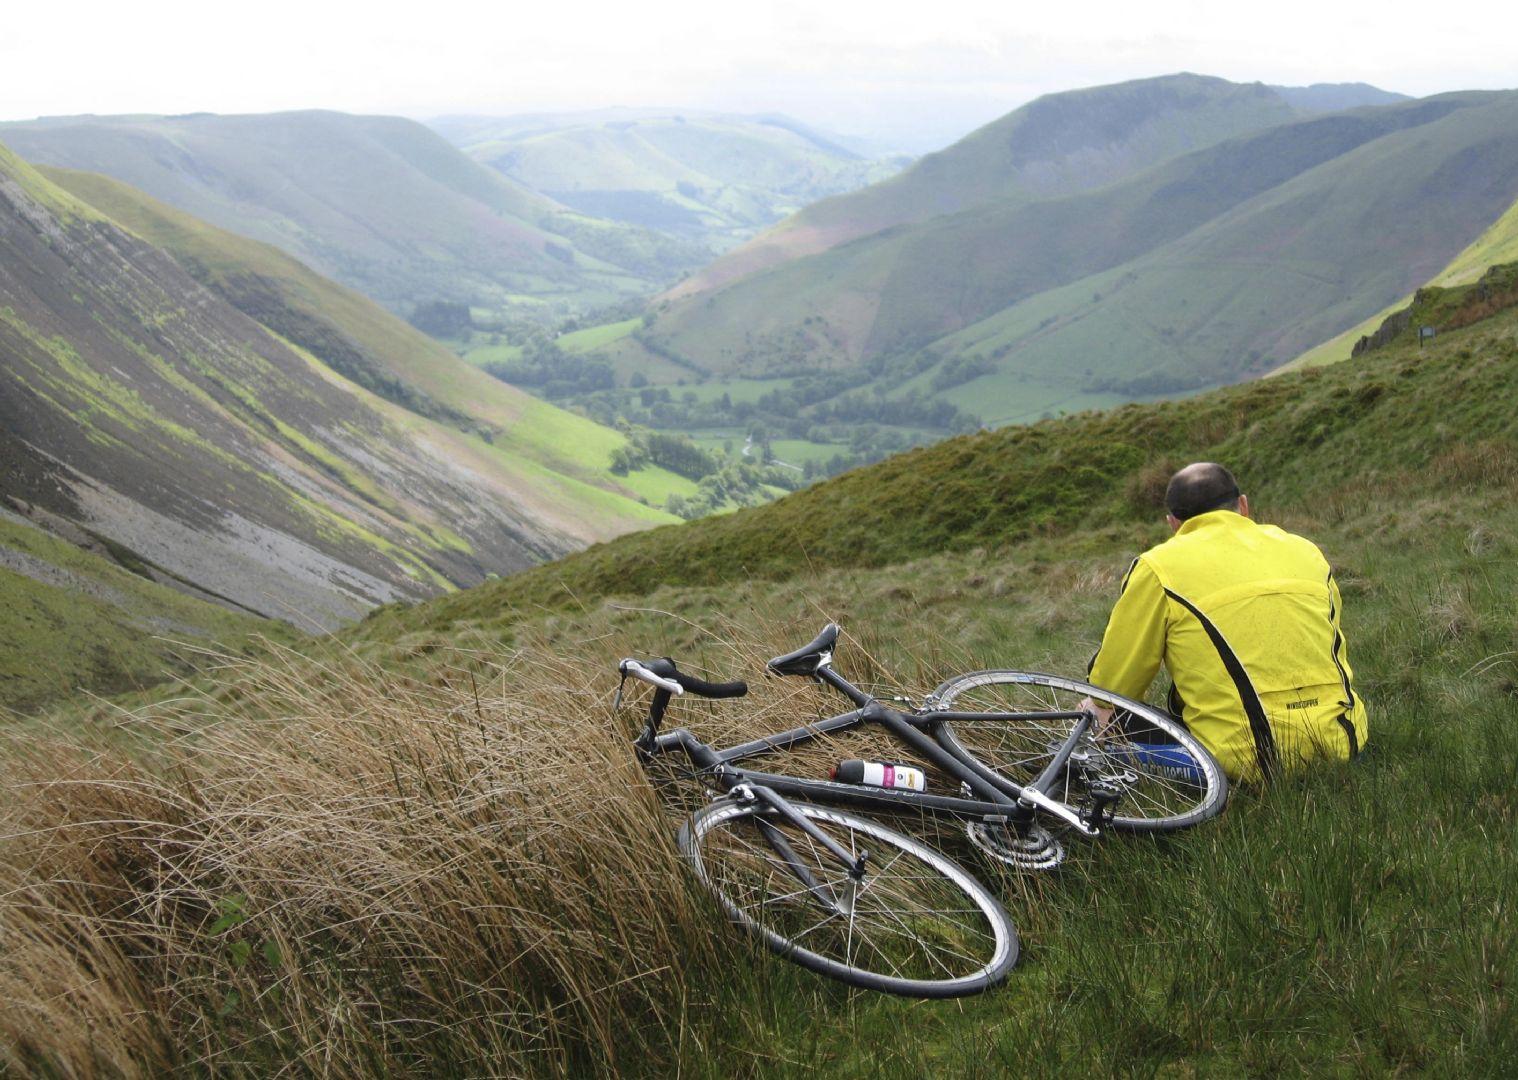 North Wales Road Cycling Weekend 41 copy.jpg - UK - North Wales - Guided Road Cycling Weekend - Road Cycling